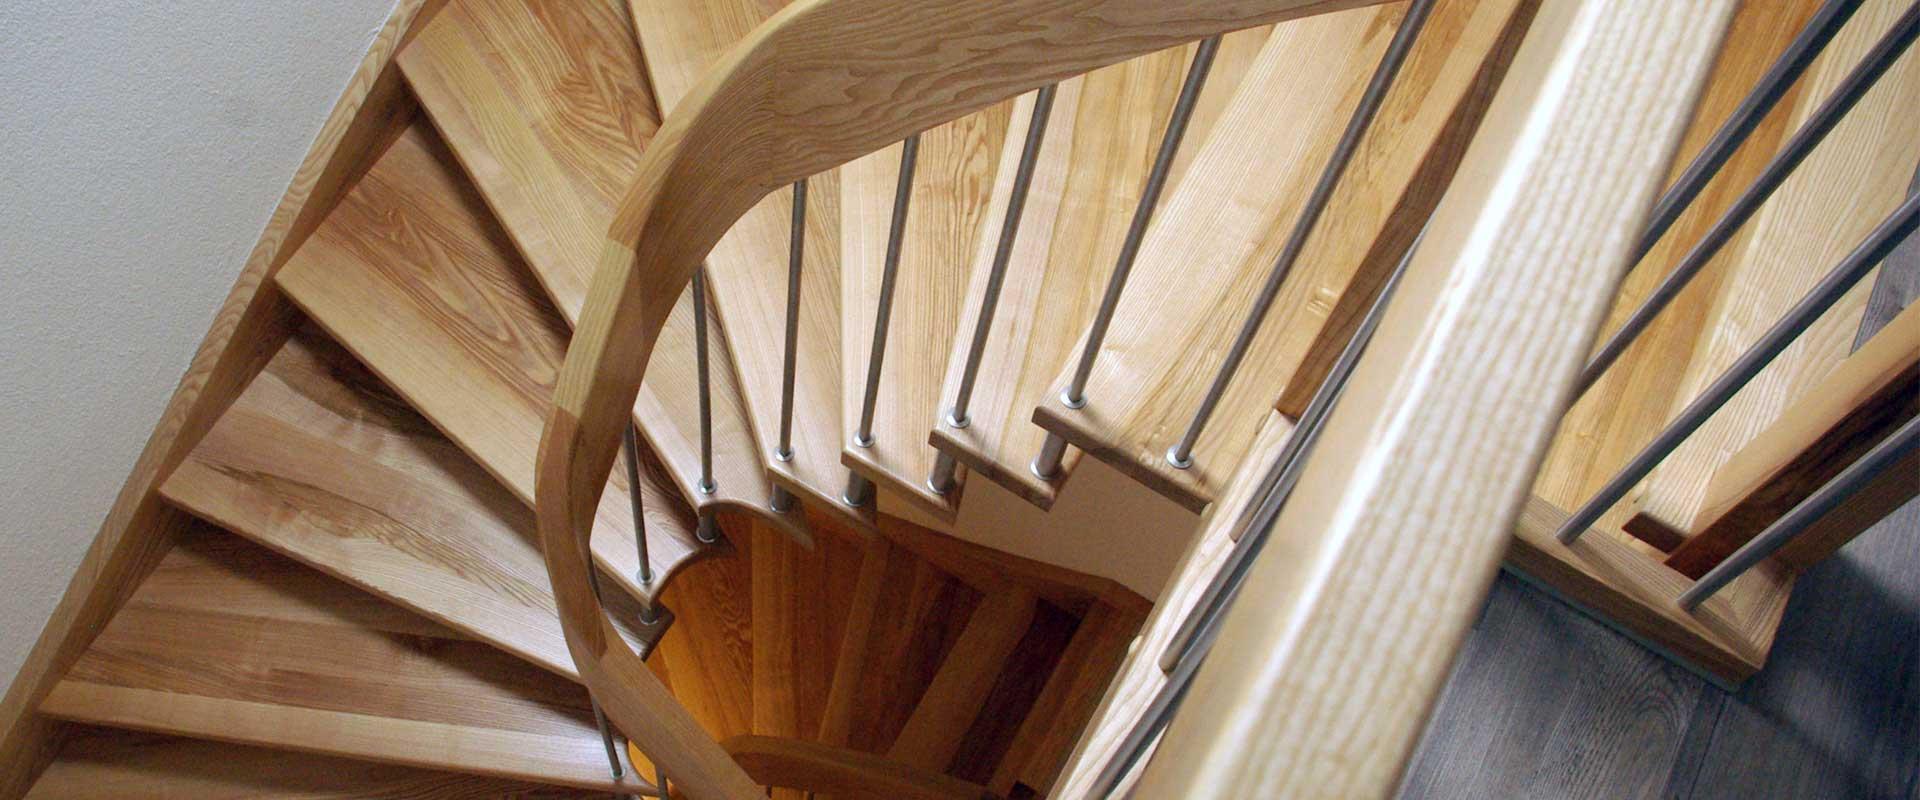 Treppen Staimmer